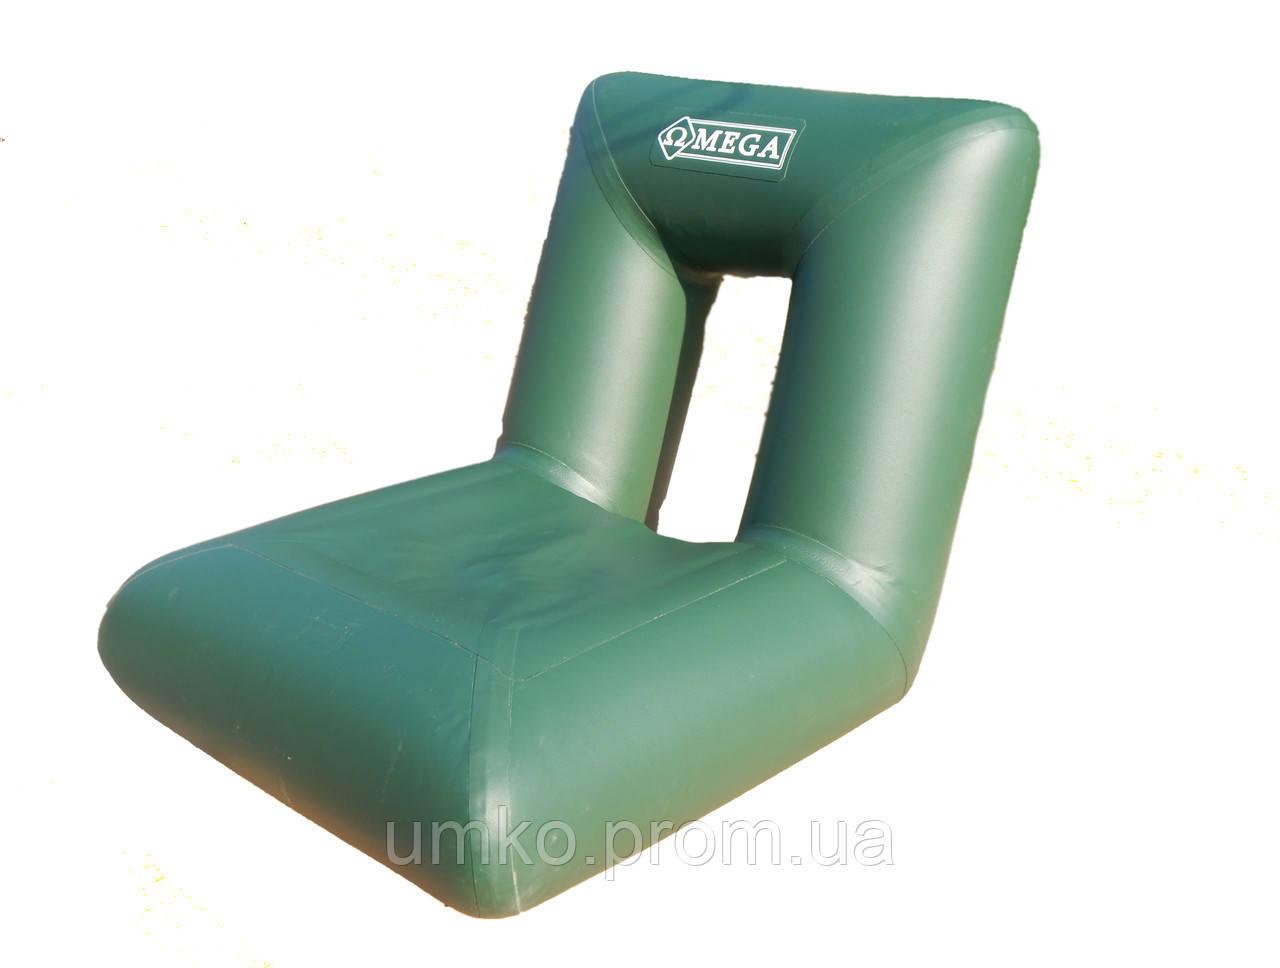 Надувное кресло ПВХ для надувной лодки